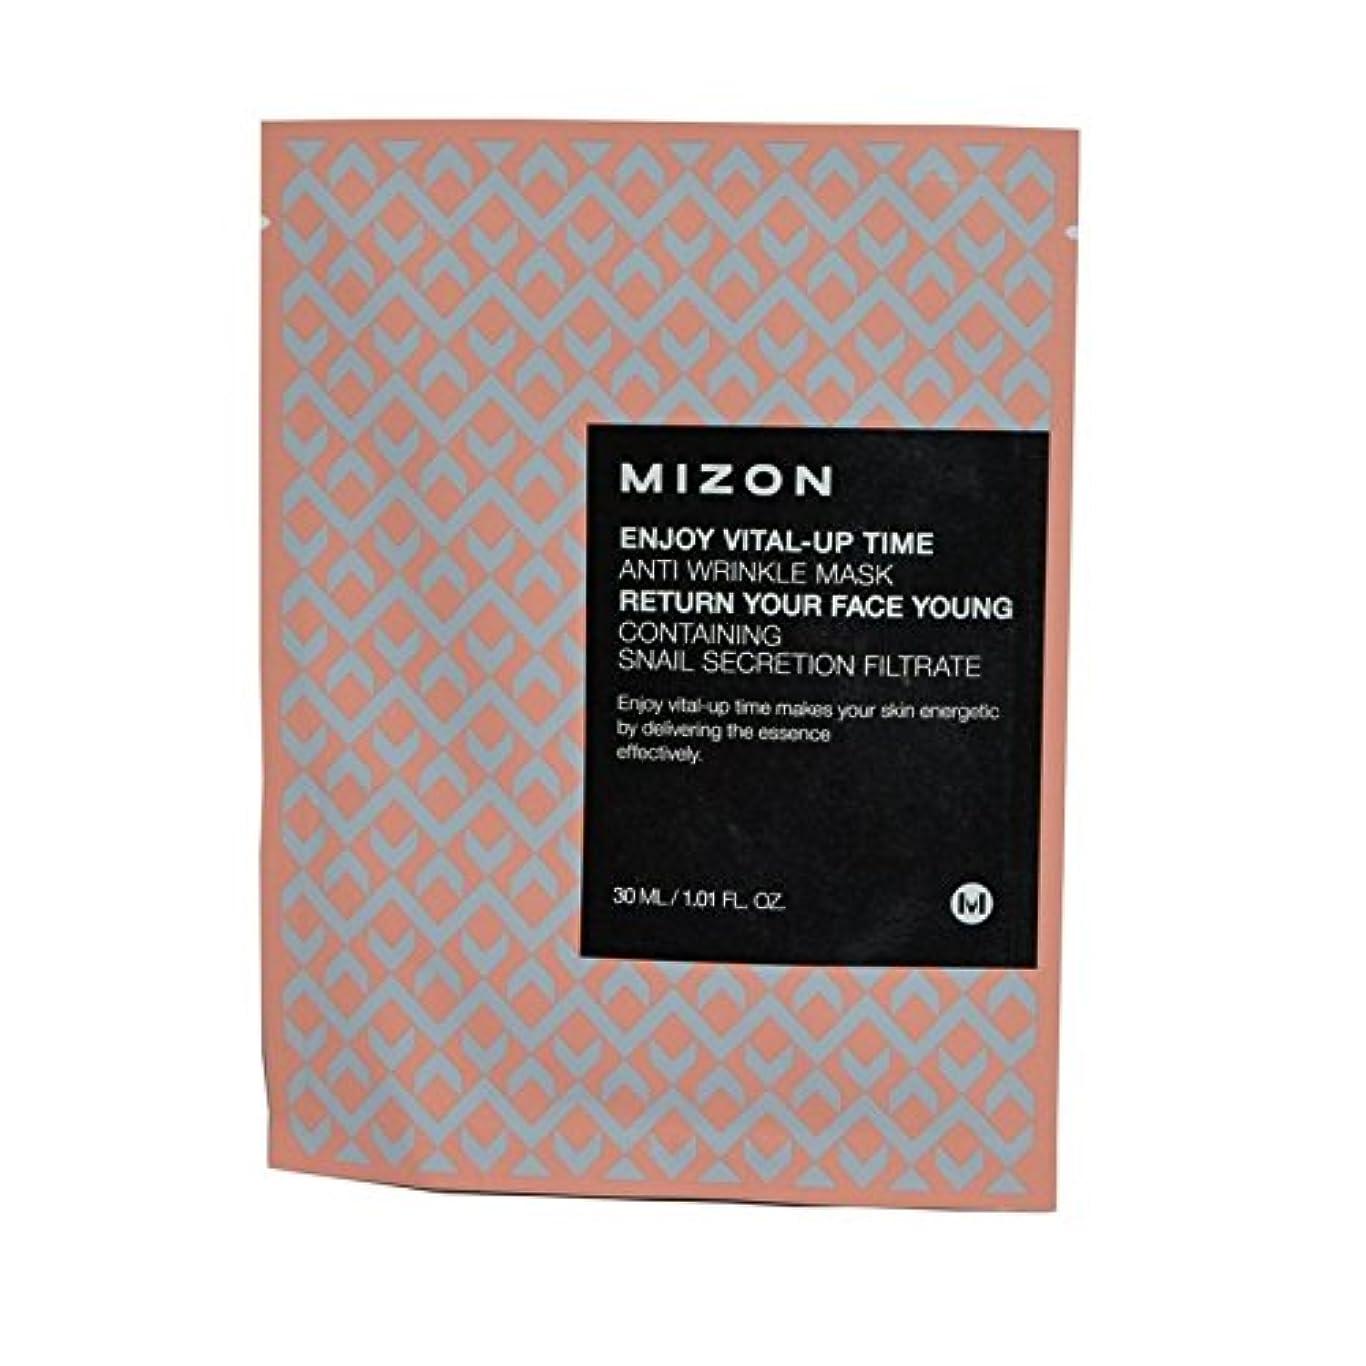 懇願する精度どんよりしたMizon Enjoy Vital Up Time Anti-Wrinkle Mask (Pack of 6) - が不可欠アップ時間抗しわマスクを楽しみます x6 [並行輸入品]